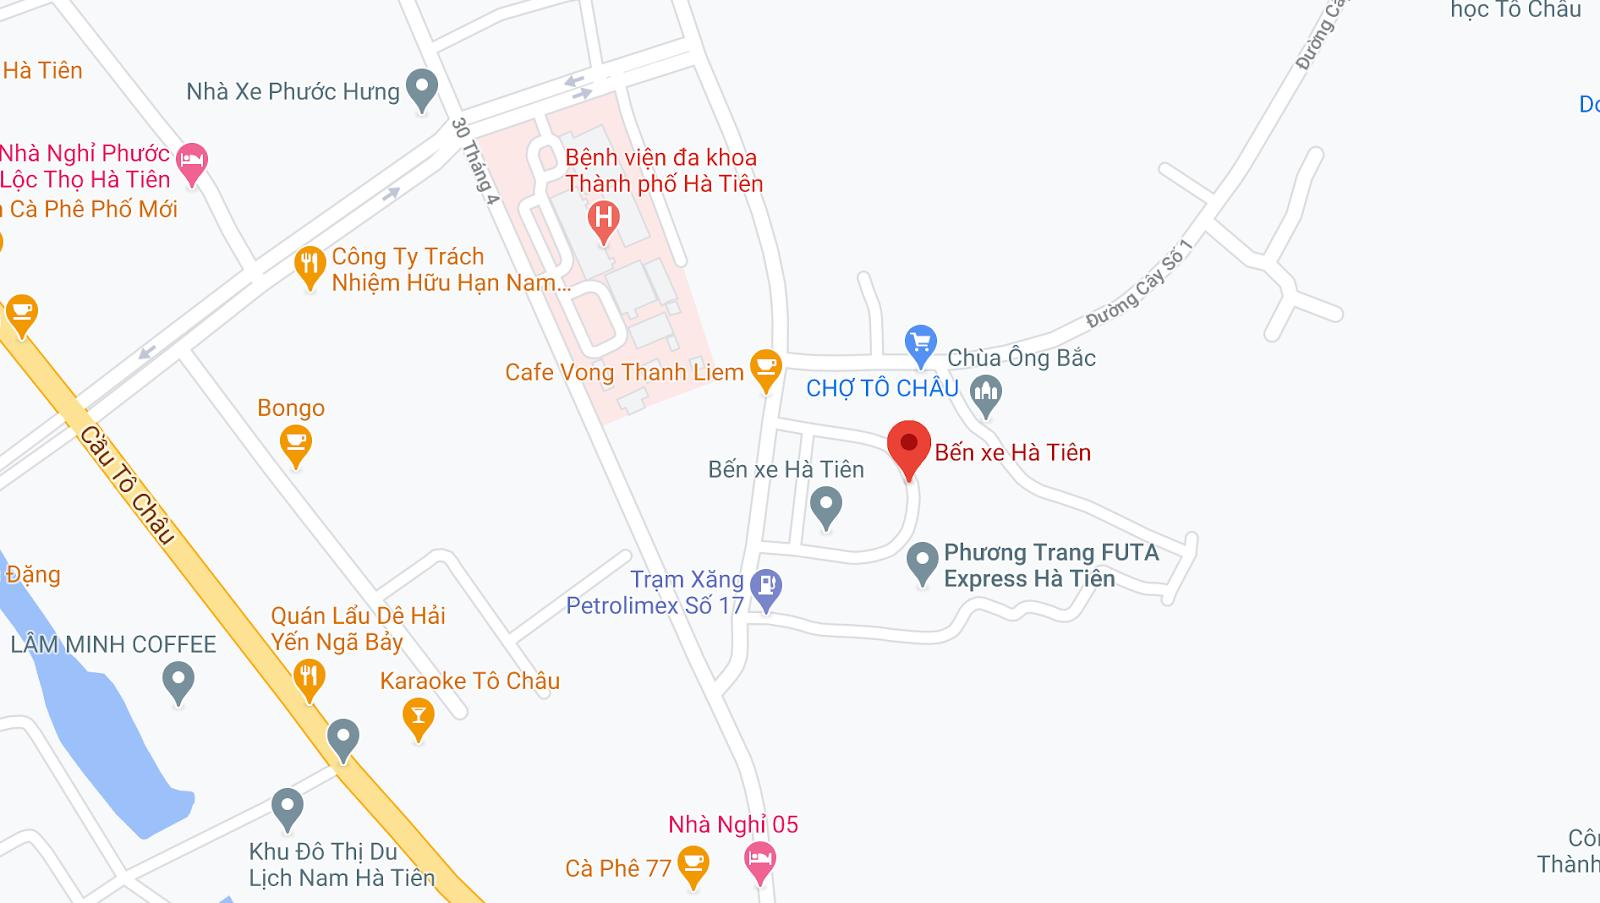 Địa điểm đón/trả khách tại Hà Tiên